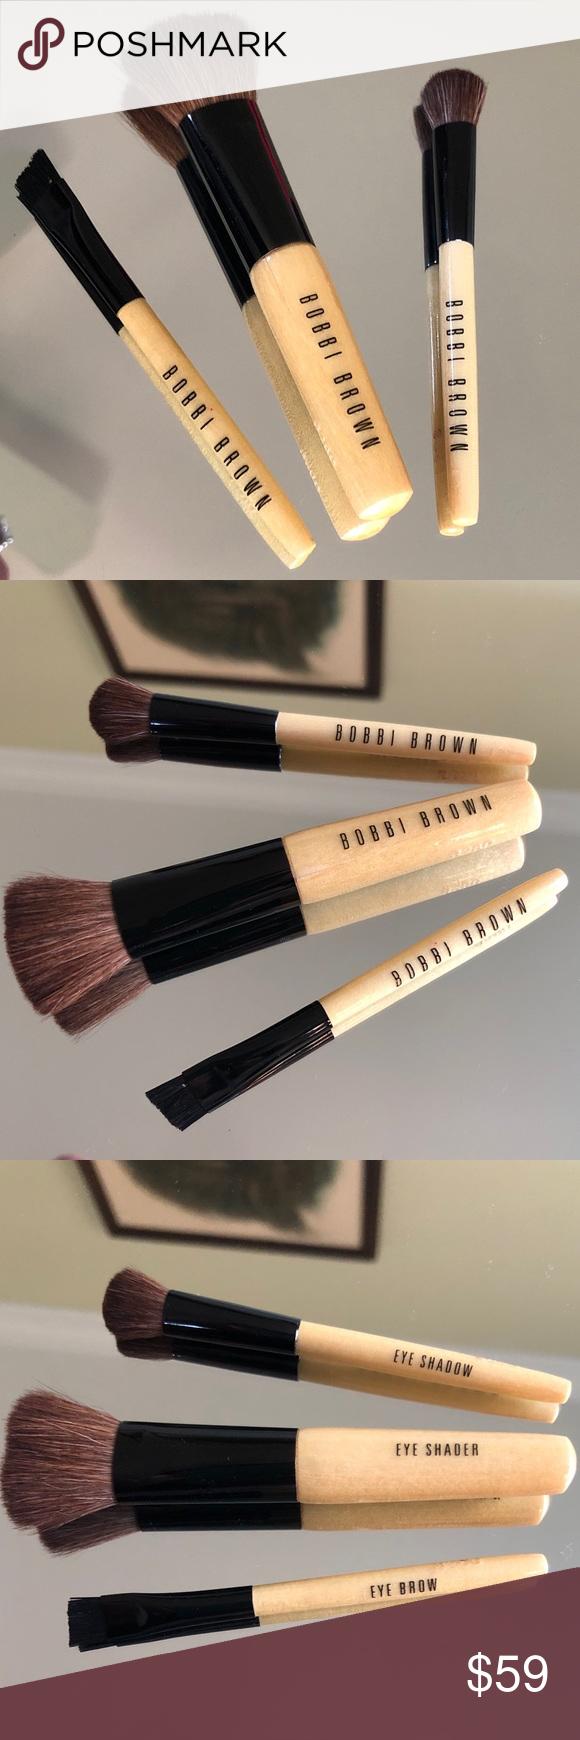 BOBBI BROWN Eye Kit Travel Brush Set Travel makeup